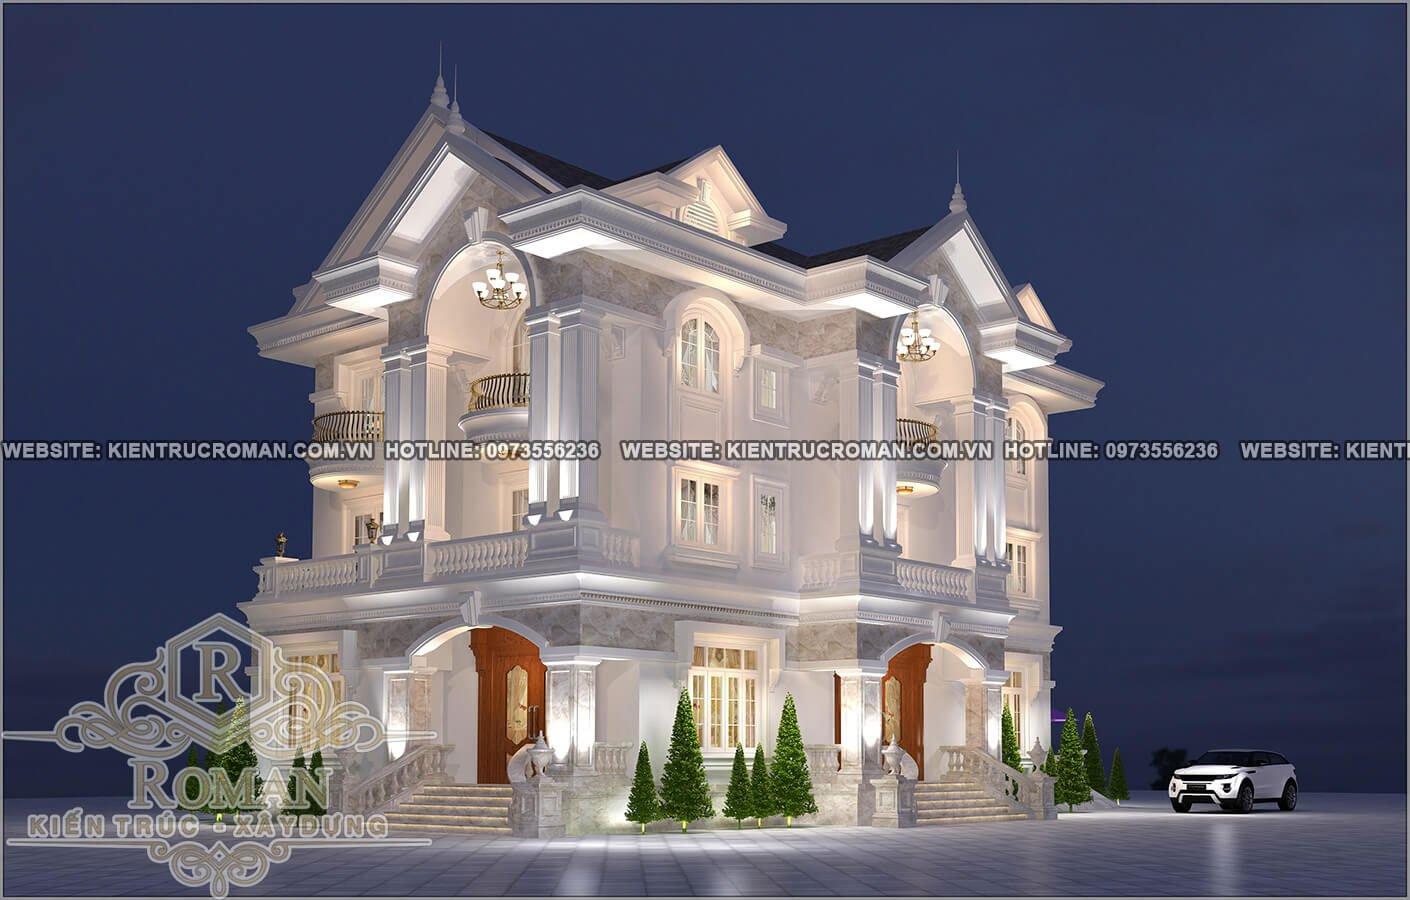 Tổng hợp các mẫu thiết kế biệt thự 3 tầng tân cổ điển hiện nay